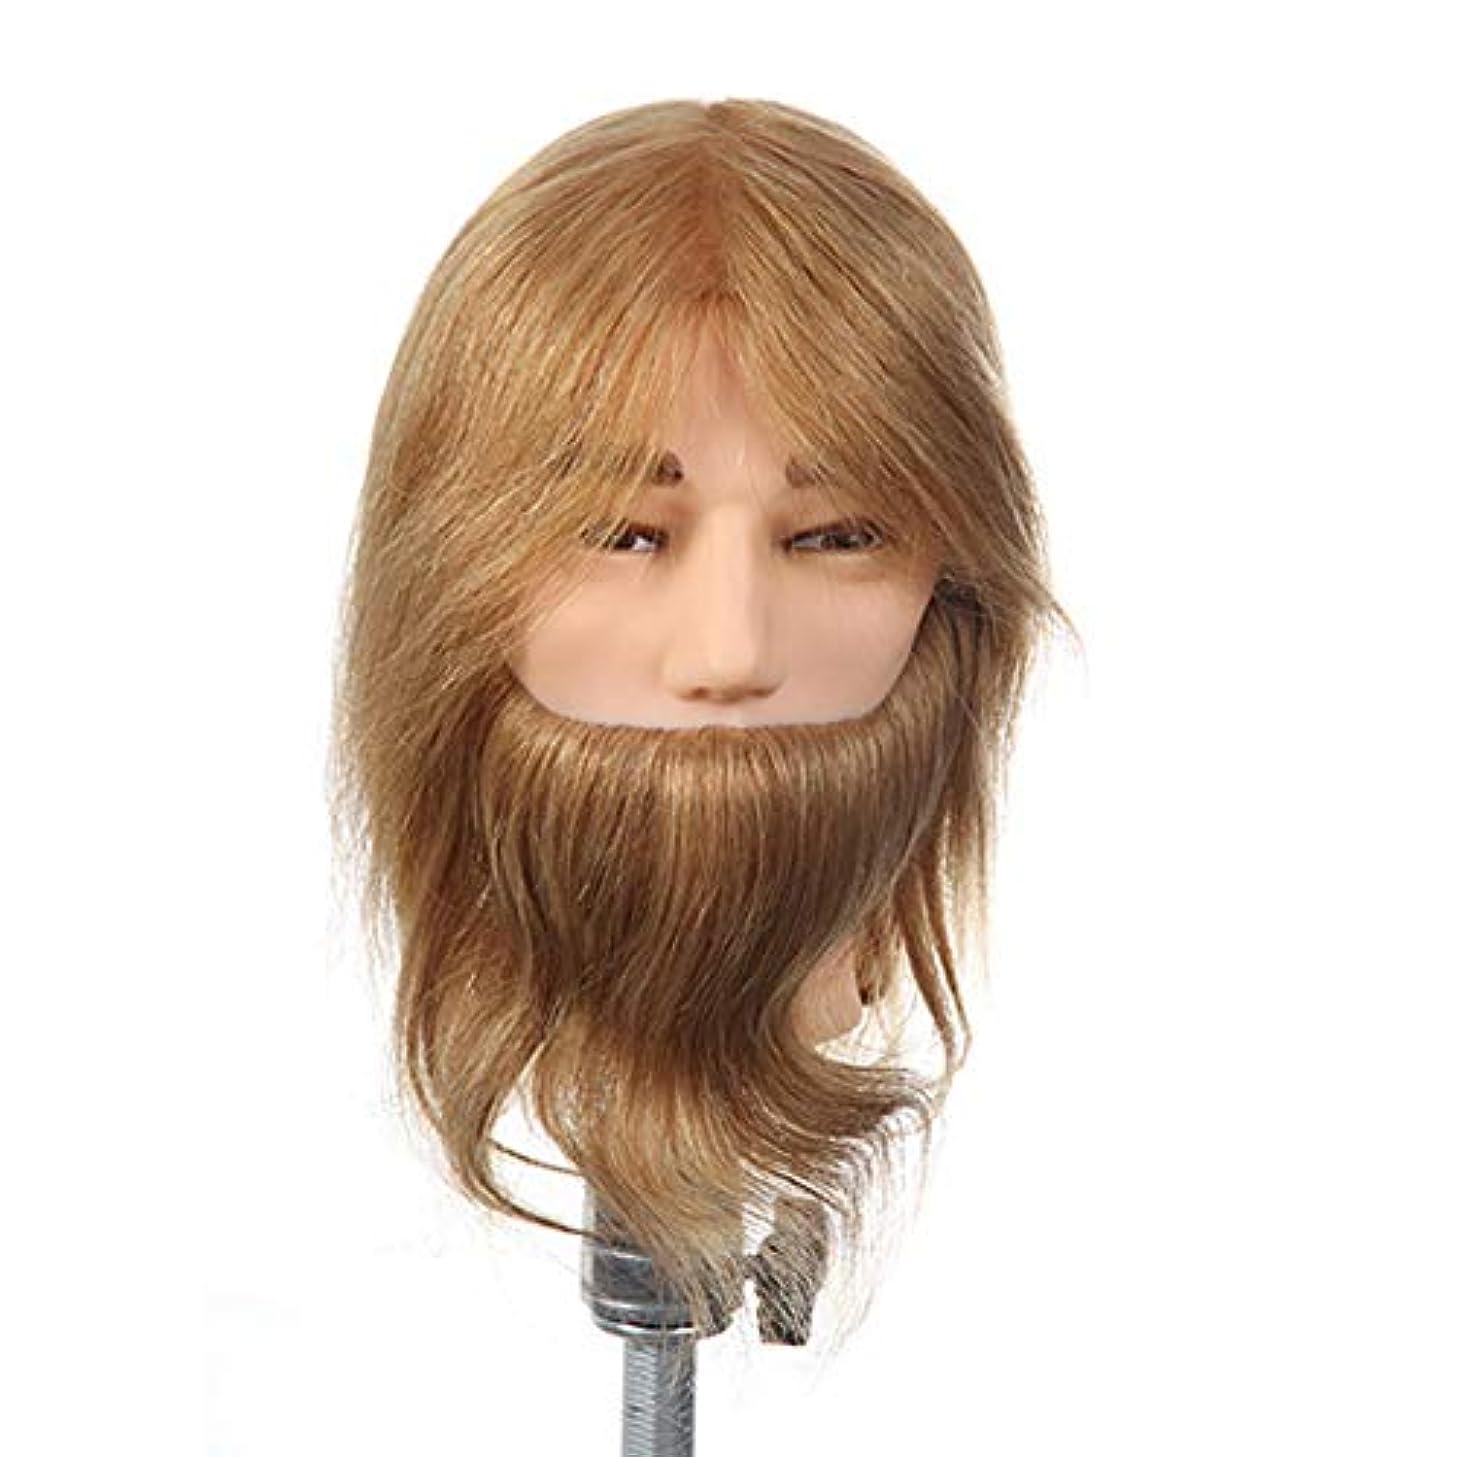 ペット誇りに思うのサロン学習パーマ髪染めマネキン男スタイリングかつらティーチングヘッドリアル人間の髪ダミーヘッド付きひげロングヘアゴールド